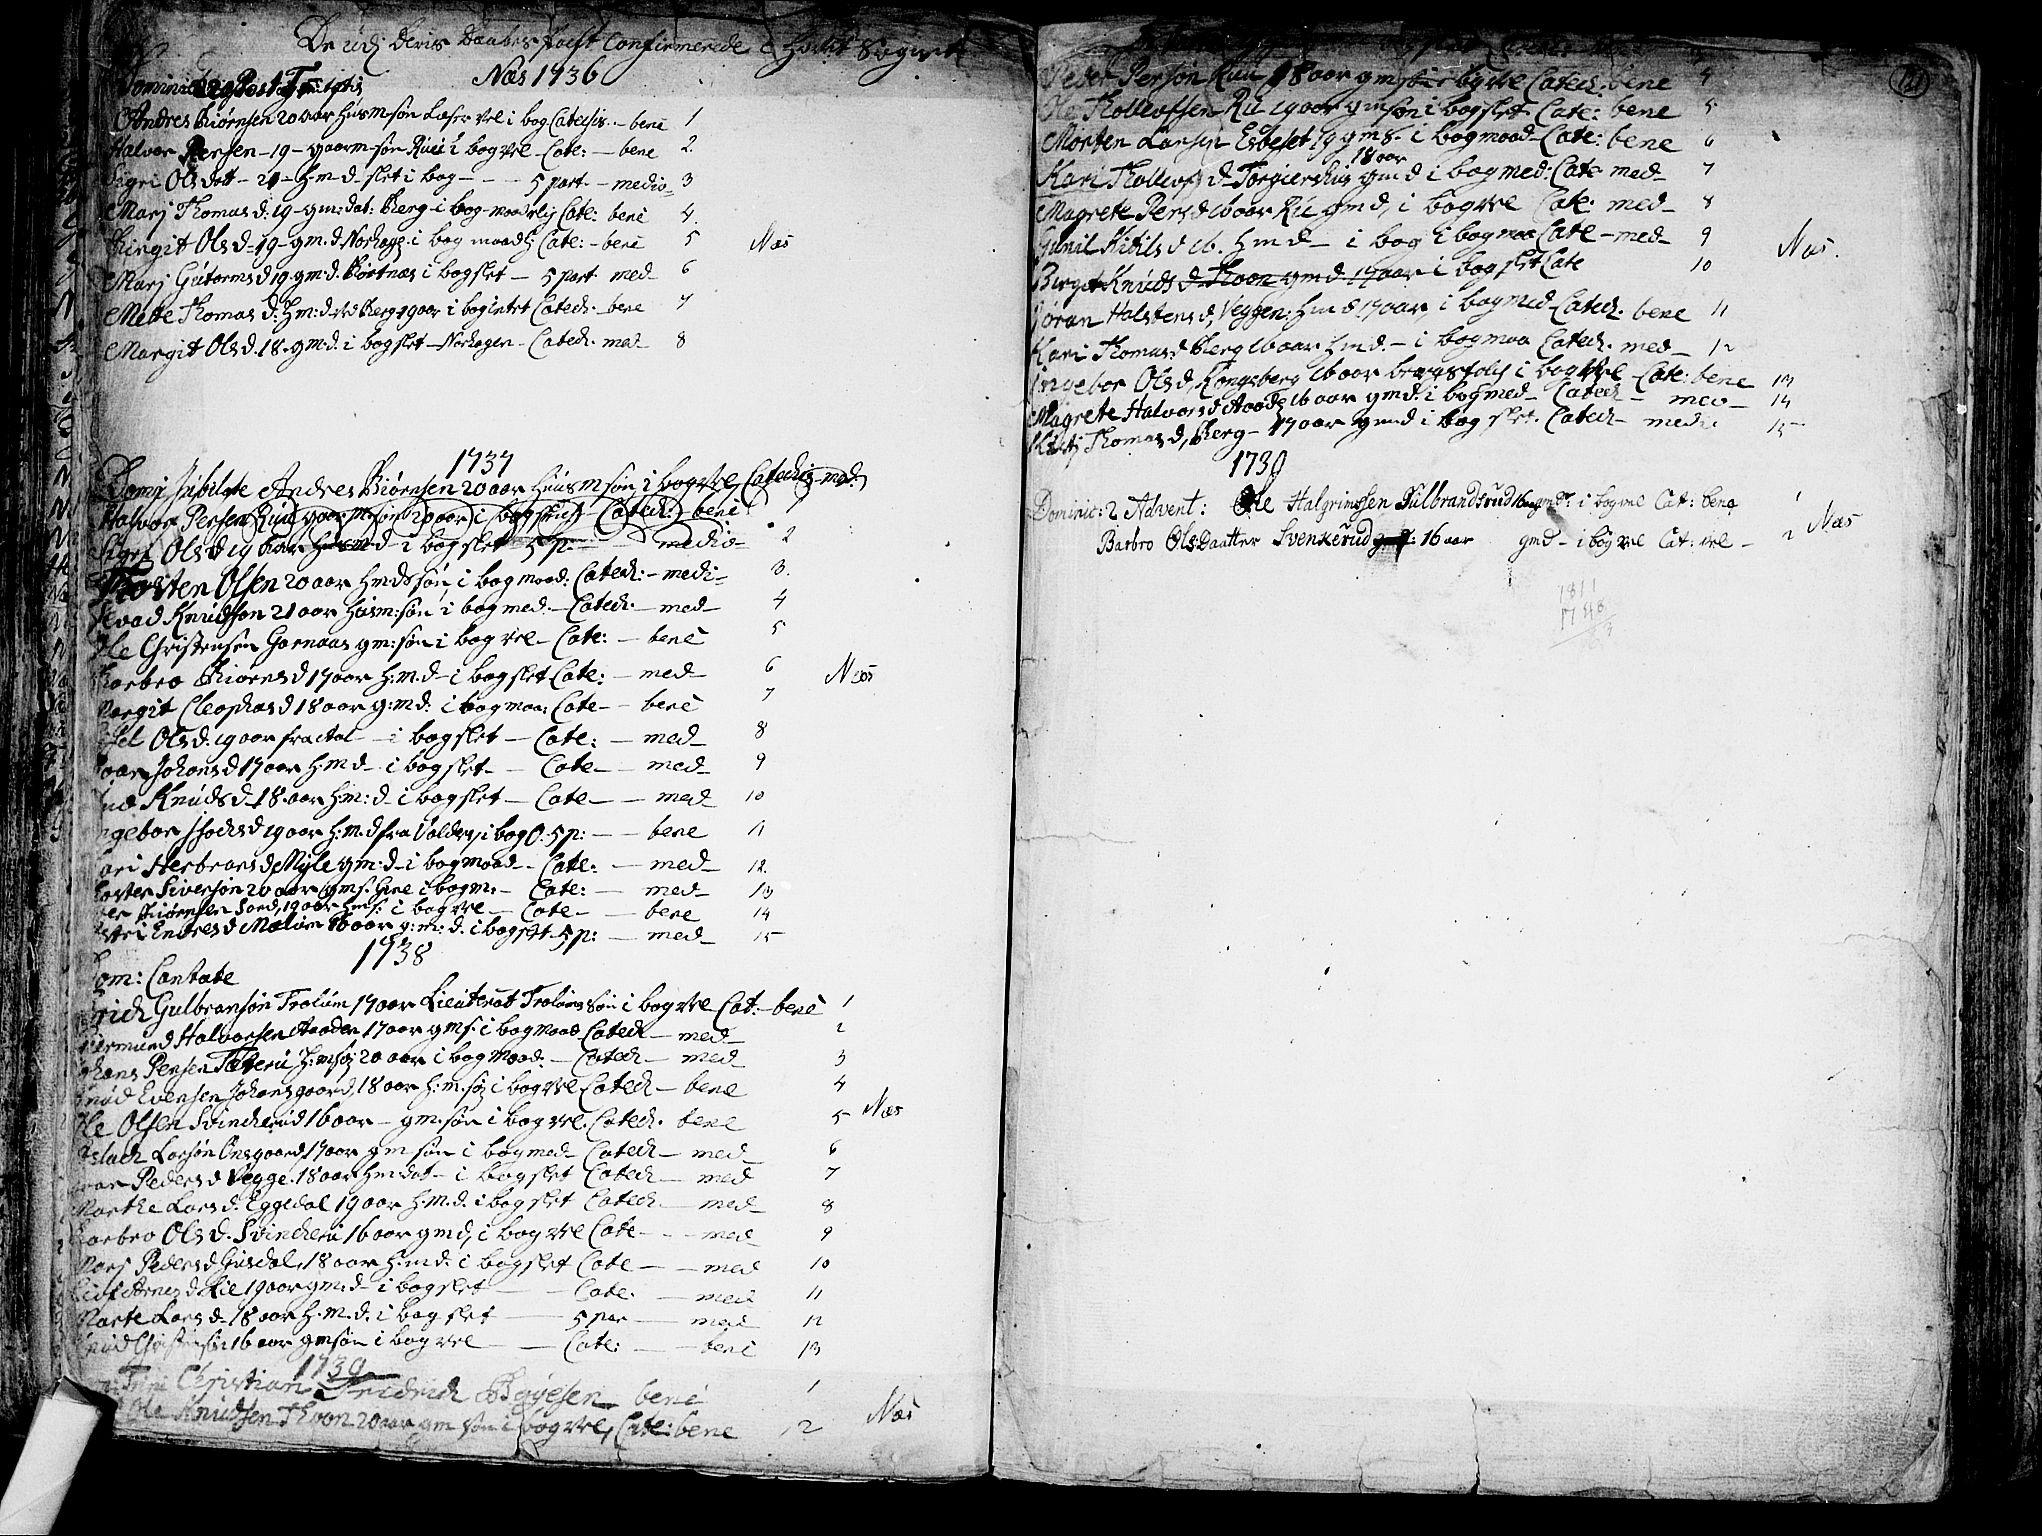 SAKO, Nes kirkebøker, F/Fa/L0002: Ministerialbok nr. 2, 1707-1759, s. 121